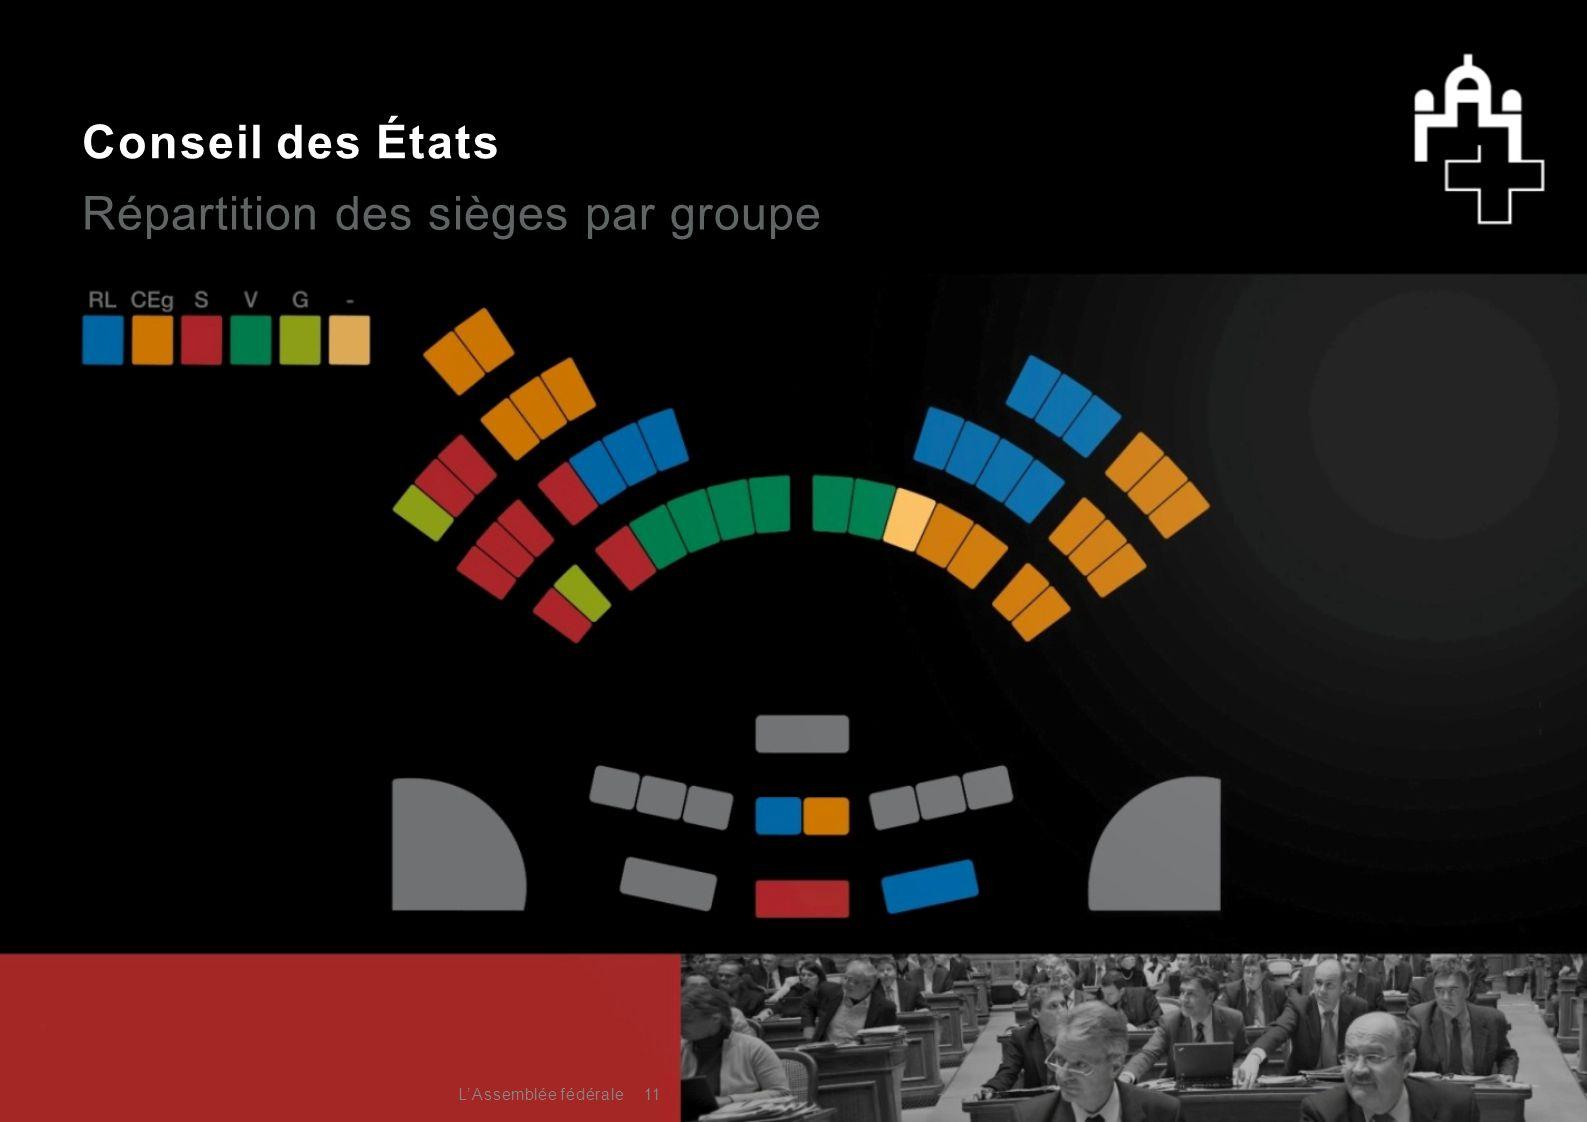 Répartition des sièges par groupe